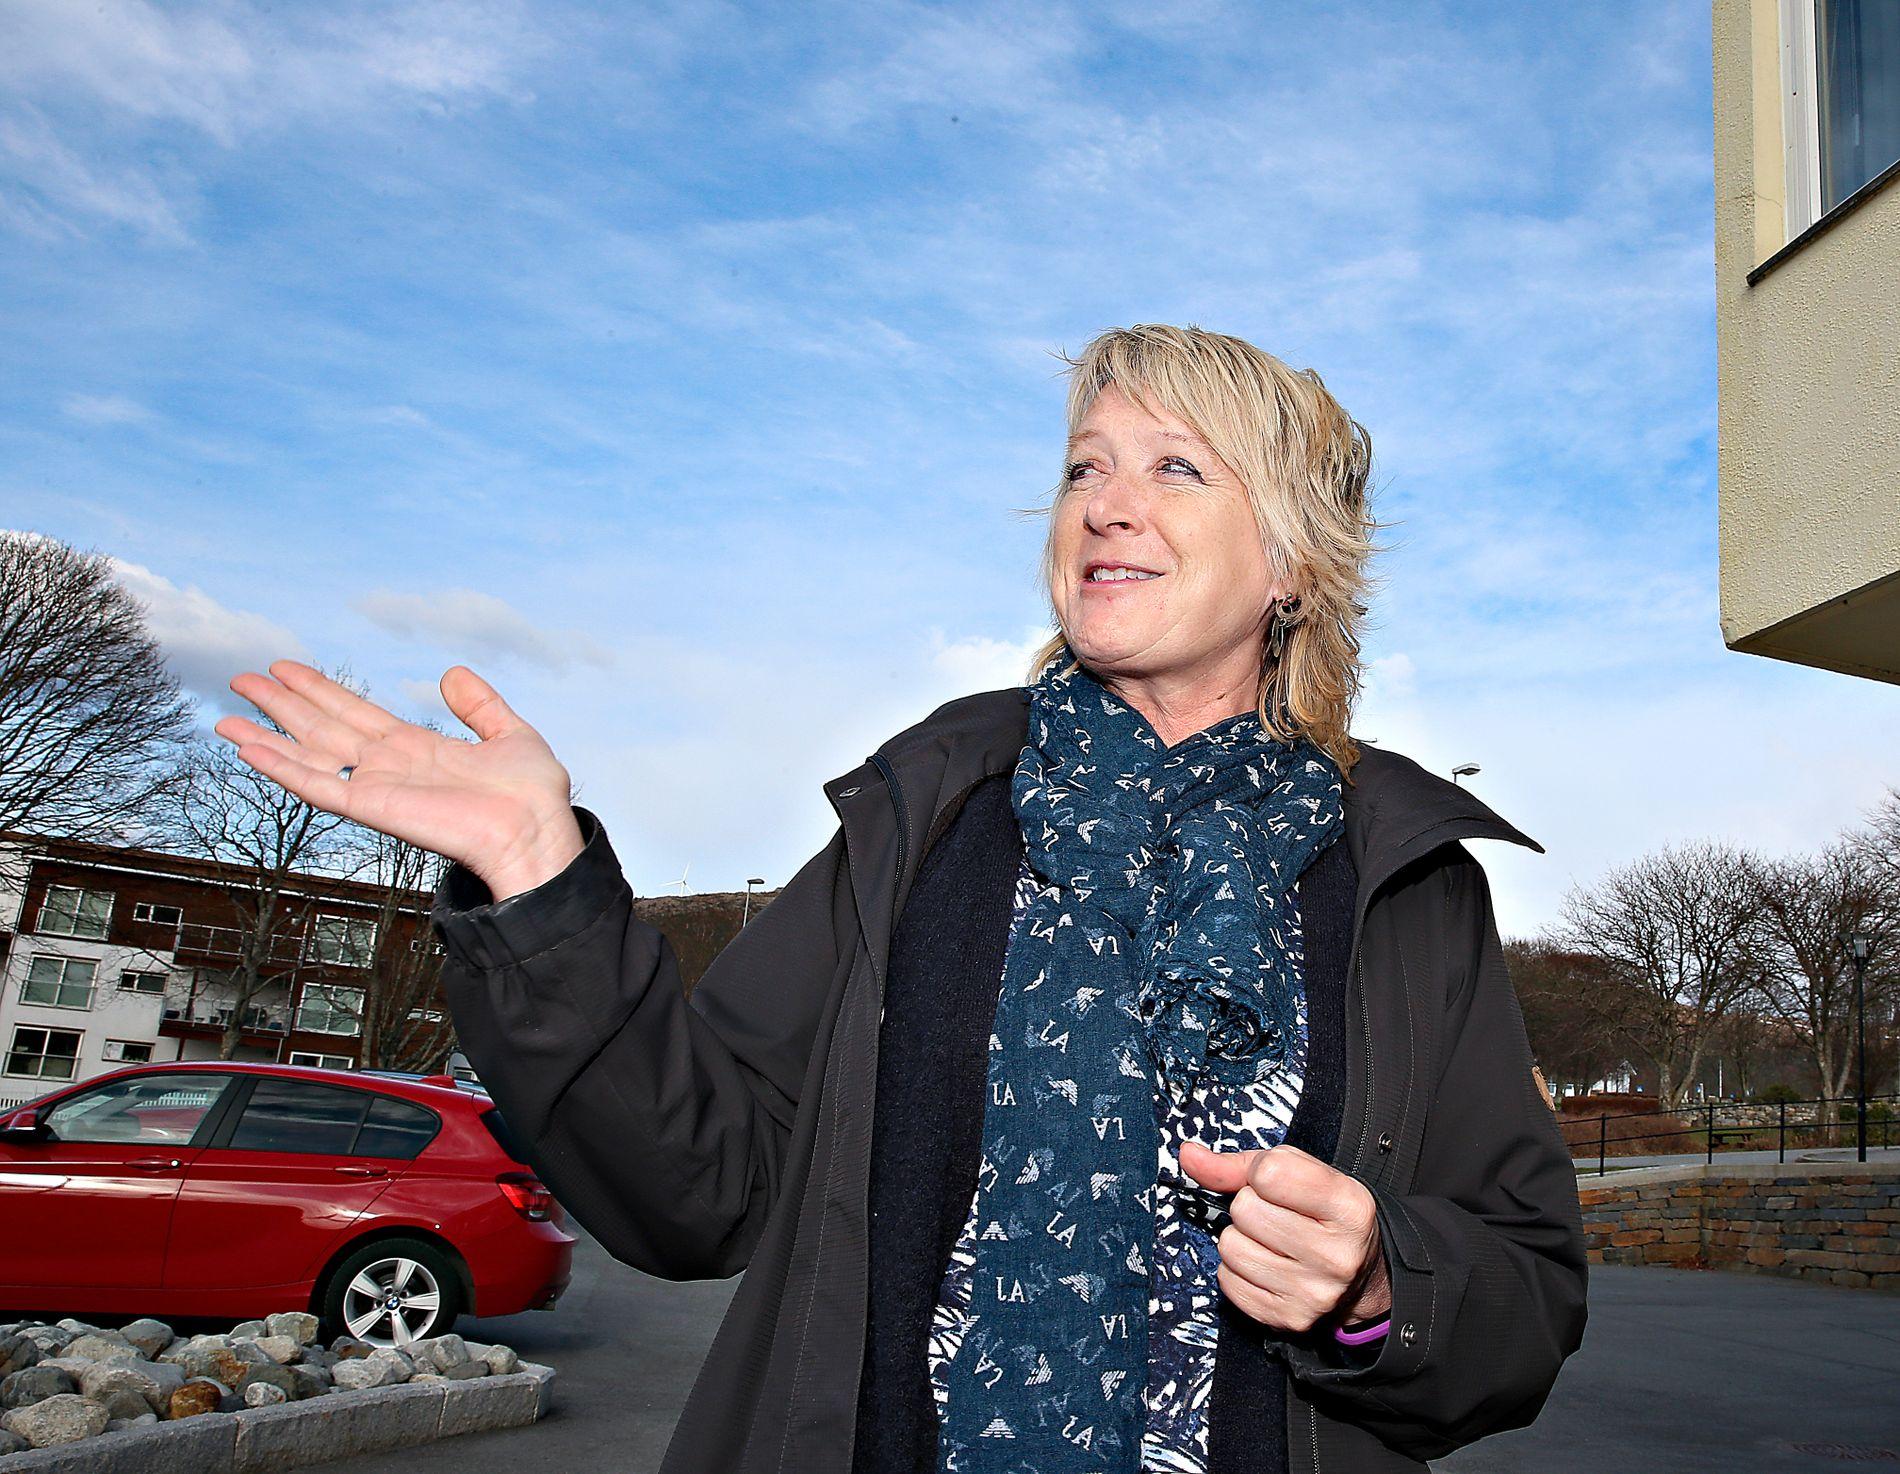 TROR PÅ ÉN KOMMUNE: Fitjar-ordfører Wenche Tislevoll tror Stord og Fitjar er slått sammen innen 10 år uavhengig av mandagens folkeavstemning. I juni skal de to kommunestyrene behandle spørsmålet om sammenslåing.